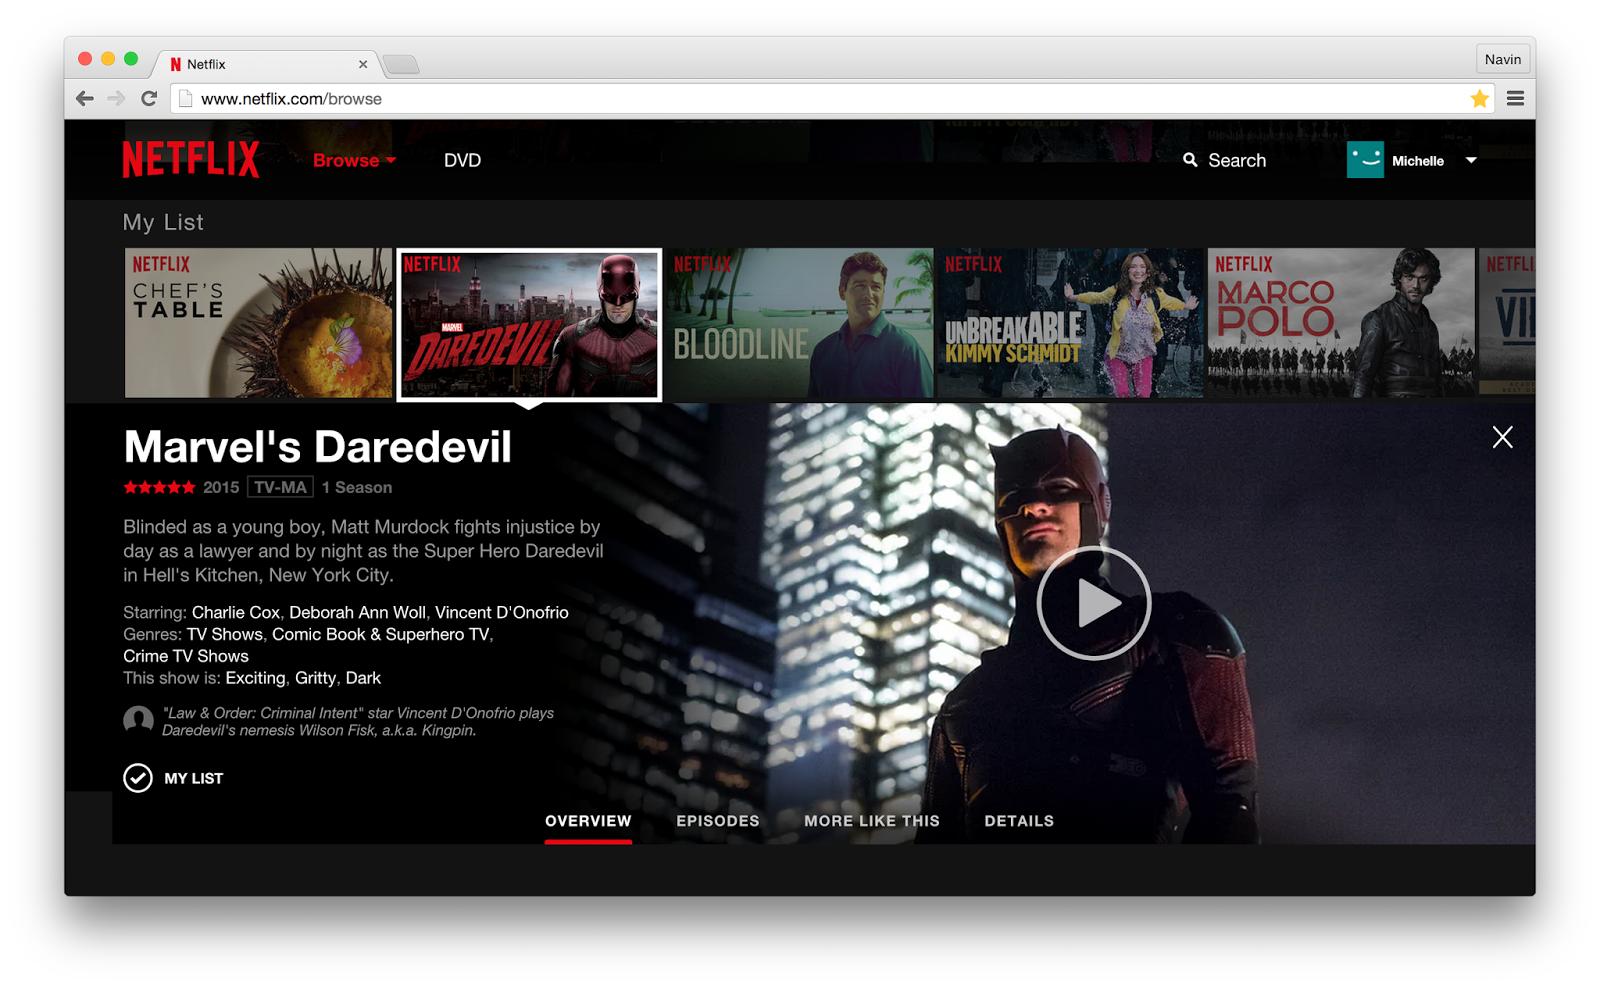 Netflix: Weboberfläche bekommt großes Update spendiert